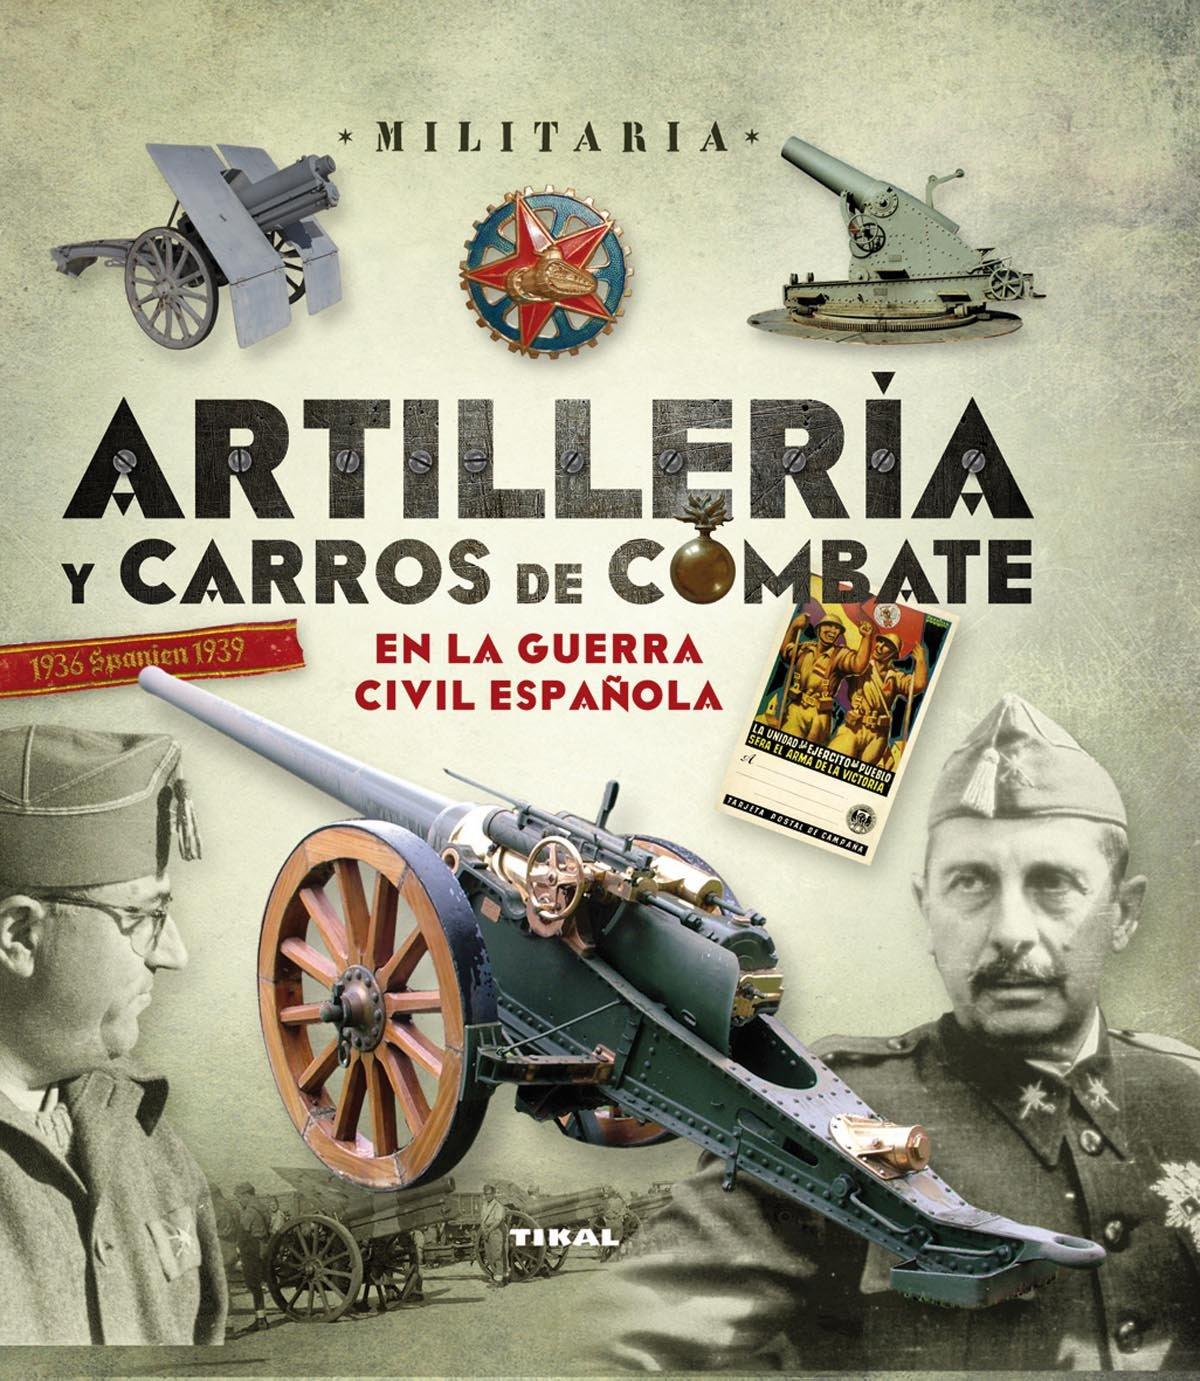 Artillería y carros de combate en la guerra civil española ...